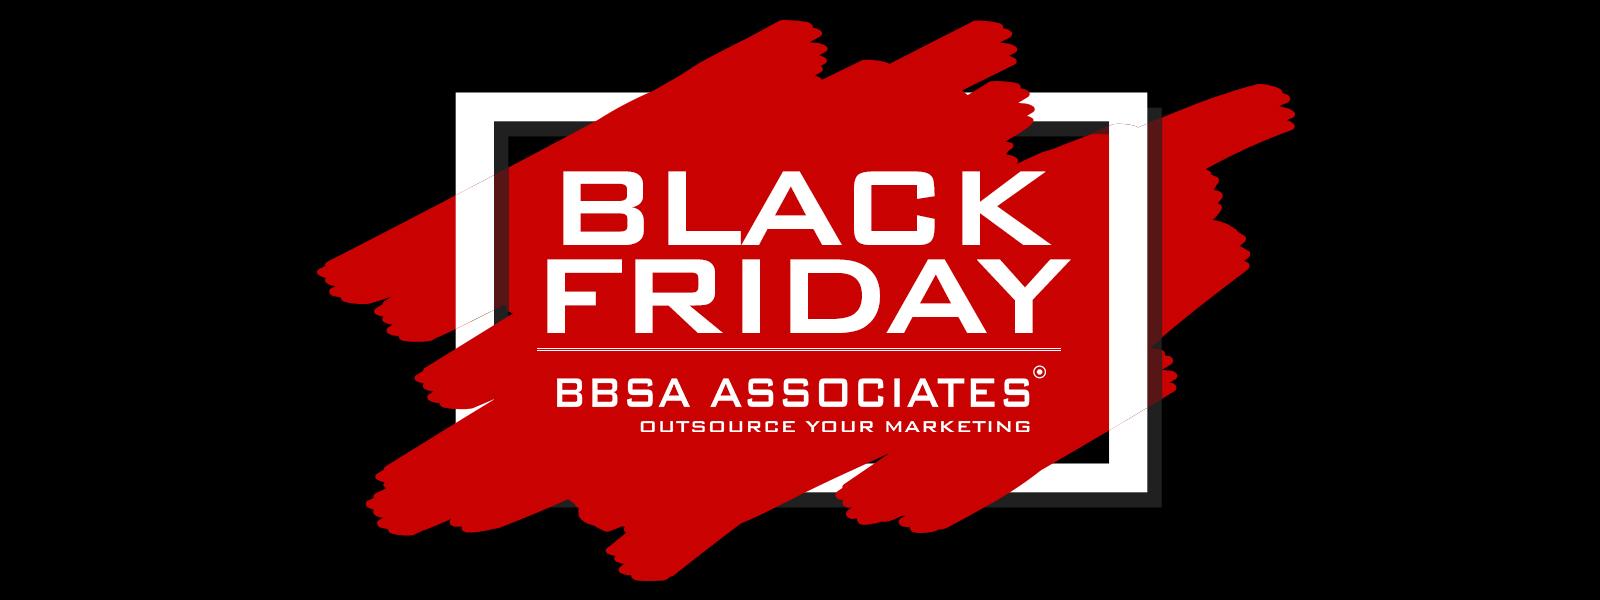 BLACKFRIDAY_BBSA